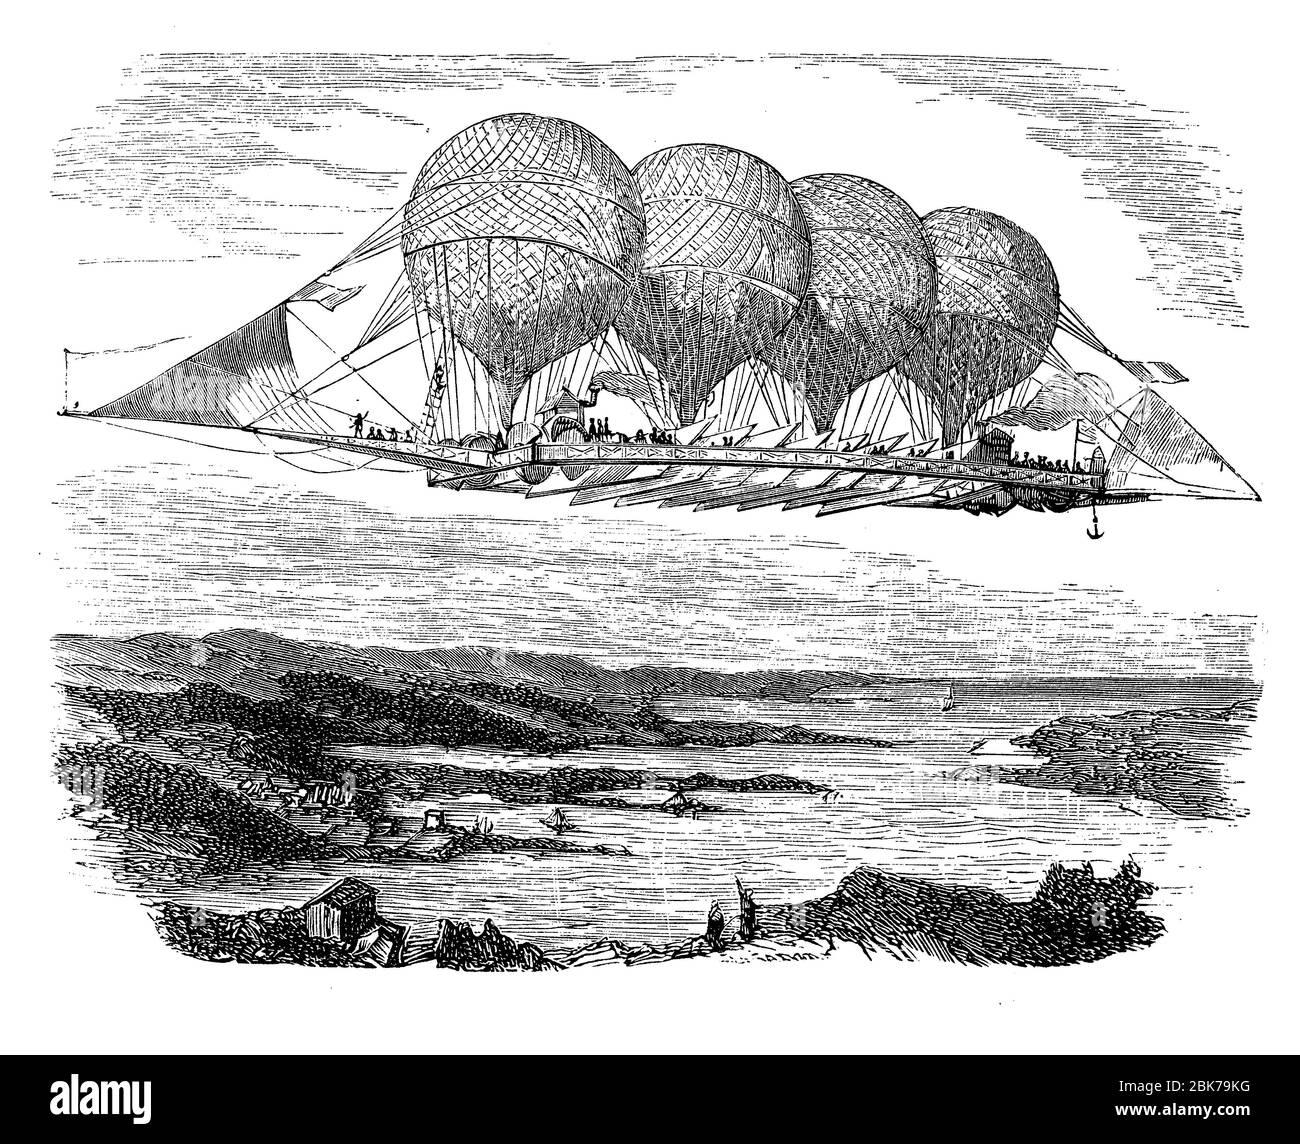 Monsier Petrin der französische Ballonfahrer entwarf ein 160 Meter langes Luftschiff, das von vier Ballons mit Plattform und Lenksystem hochgehalten wurde, 1850 Stockfoto